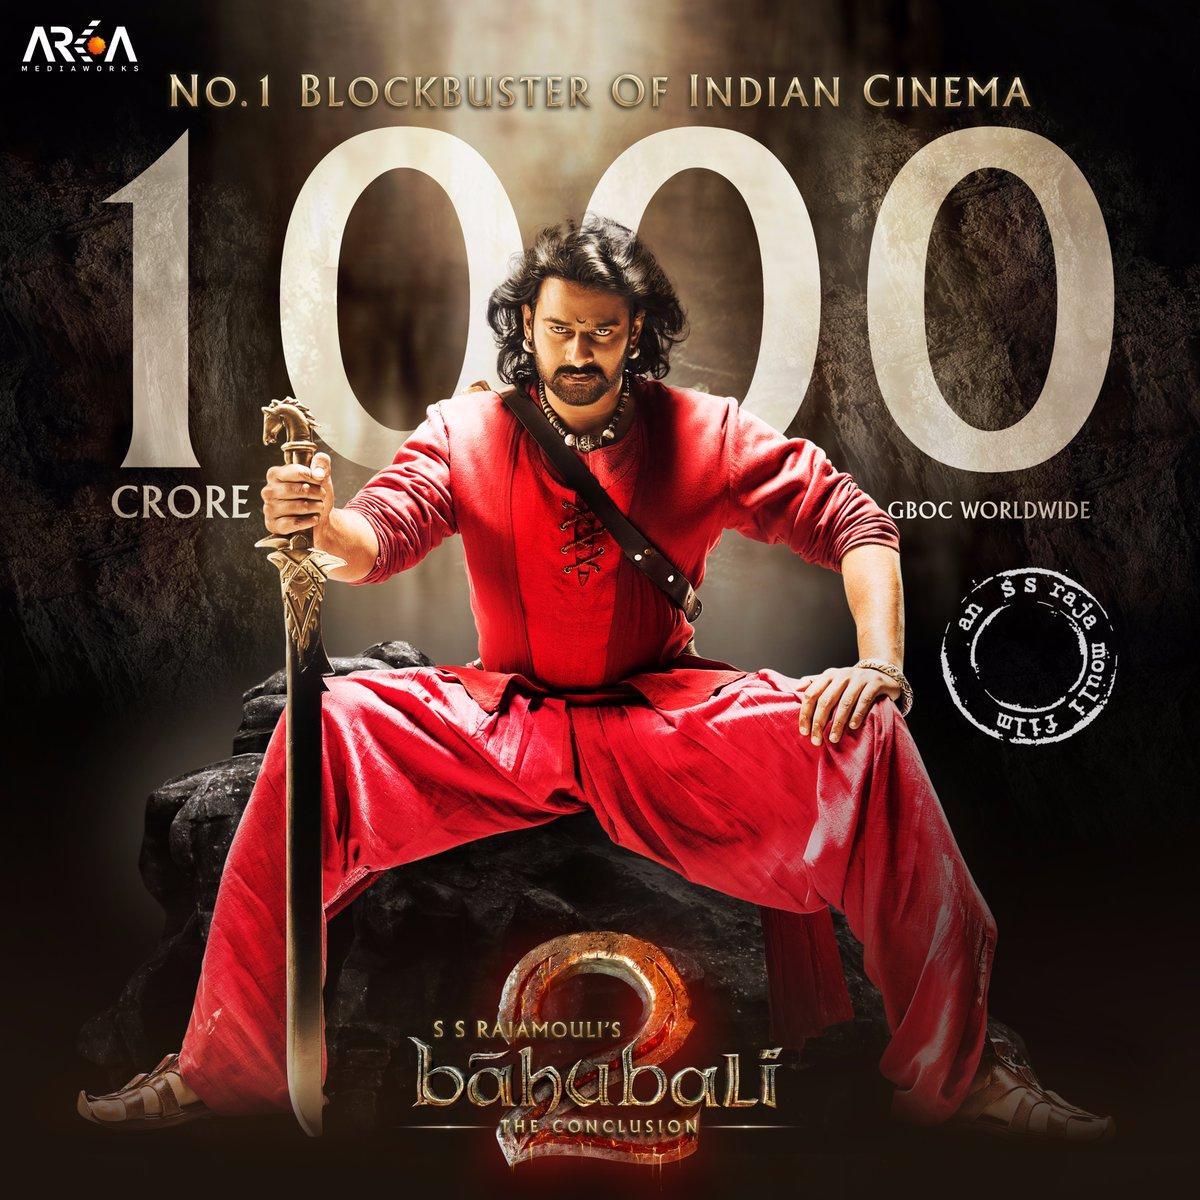 100 करोड़ भूल जाइये, फिल्म 'बाहुबली 2' ने दुनियाभर में कमा लिए हैं 1000 करोड़ रुपये !